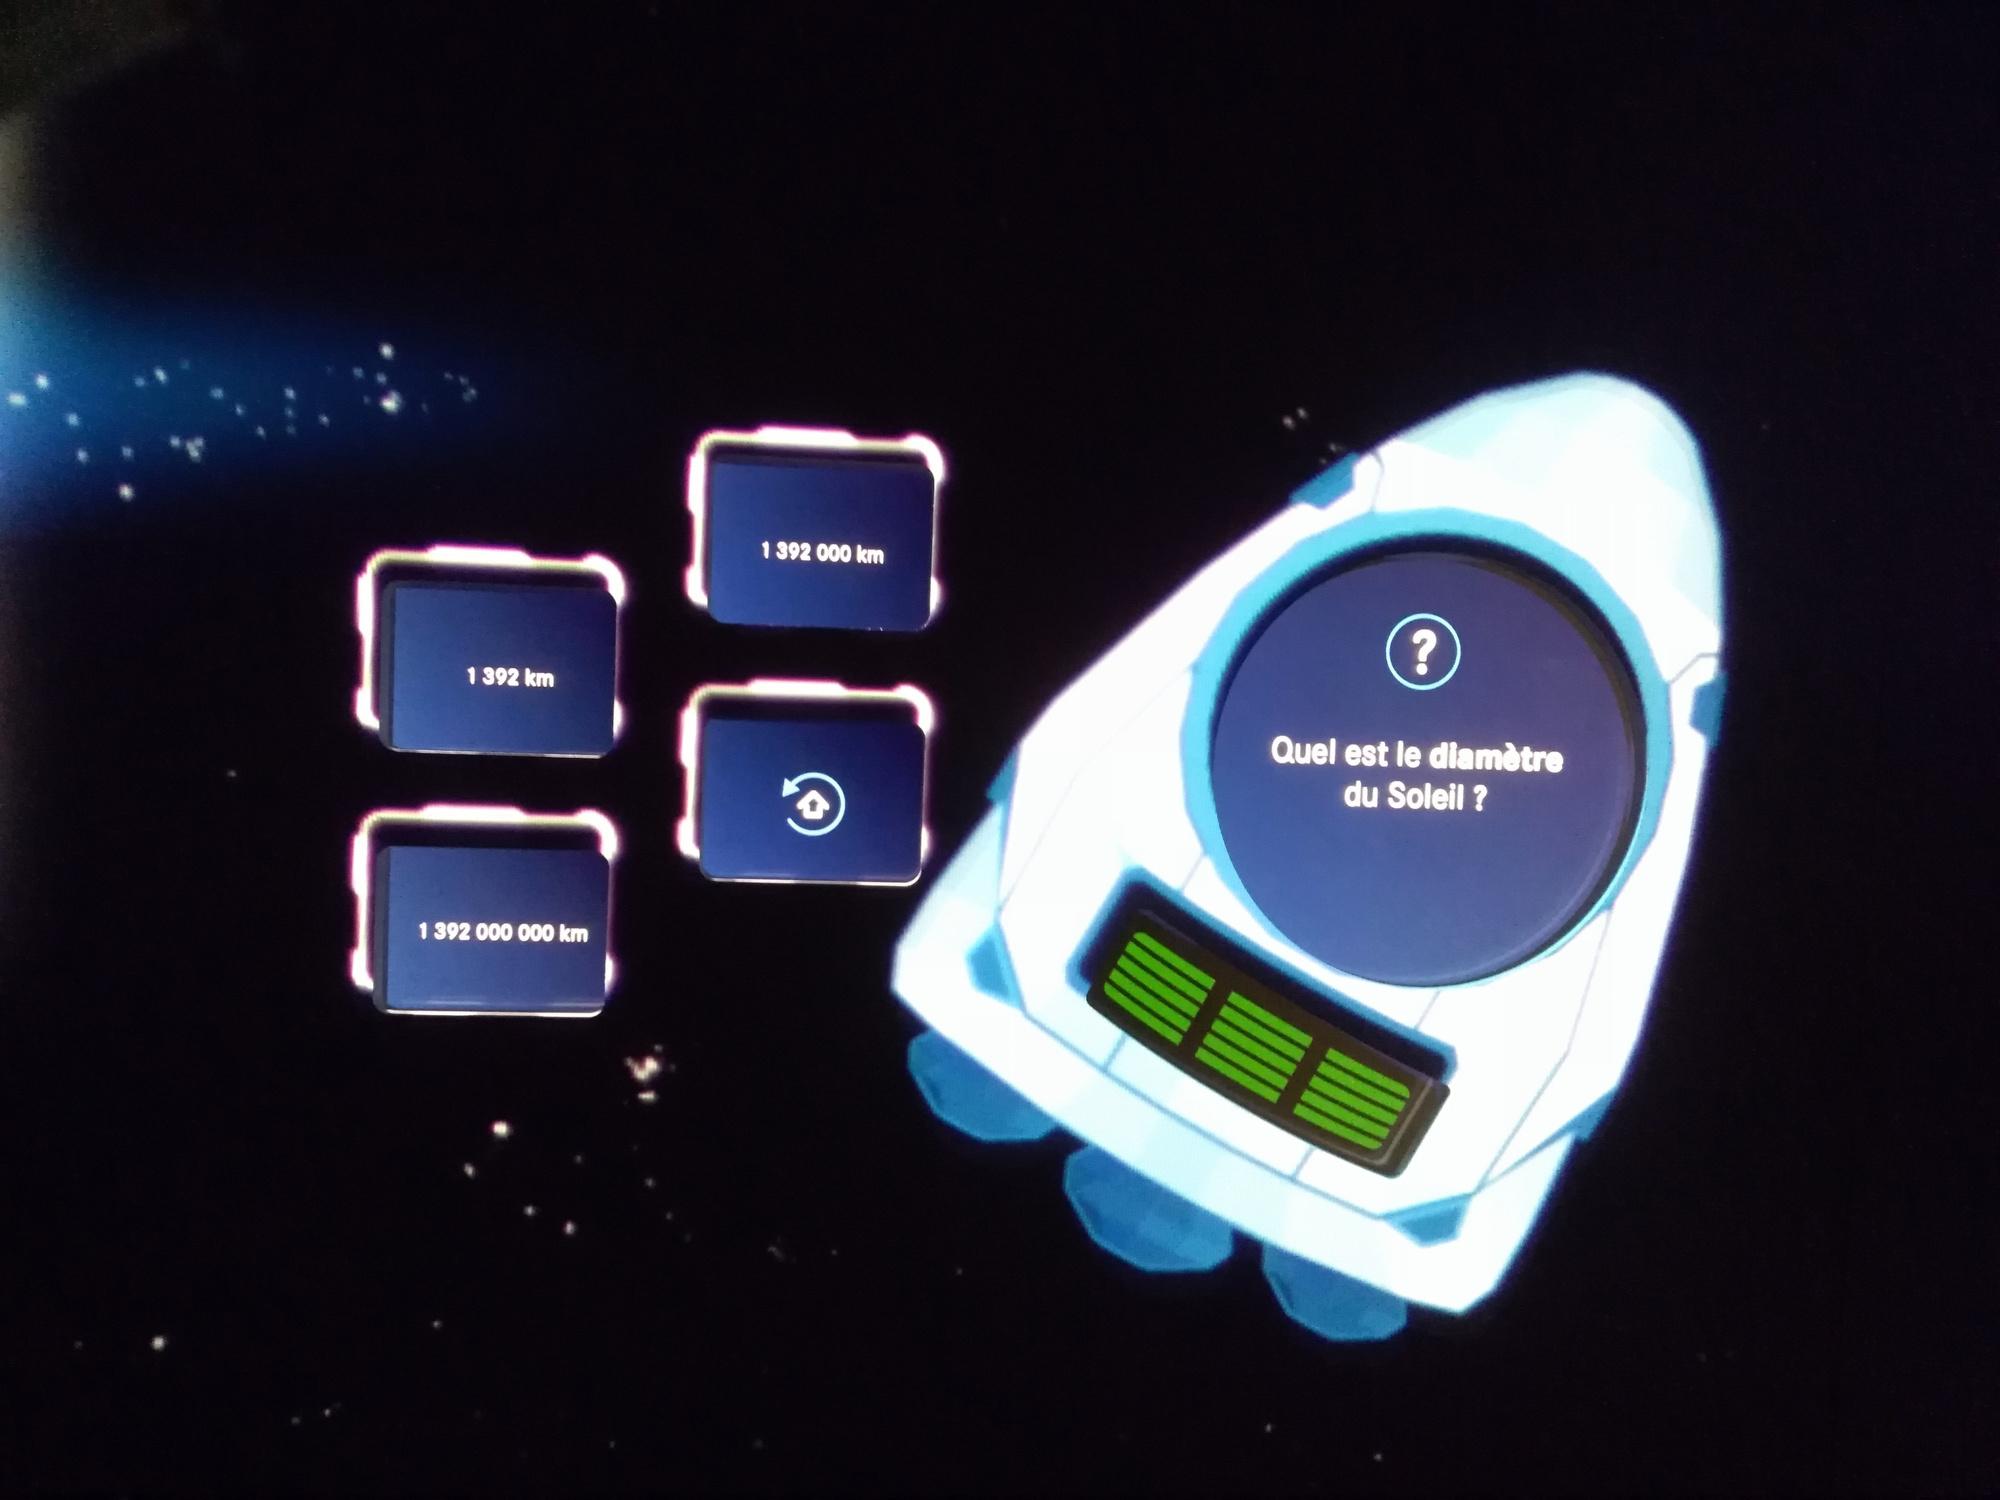 En cas de trois bonnes réponses, la fusée s'envolera à travers le ciel de l'écran tactile., Stagiaire Le Vif